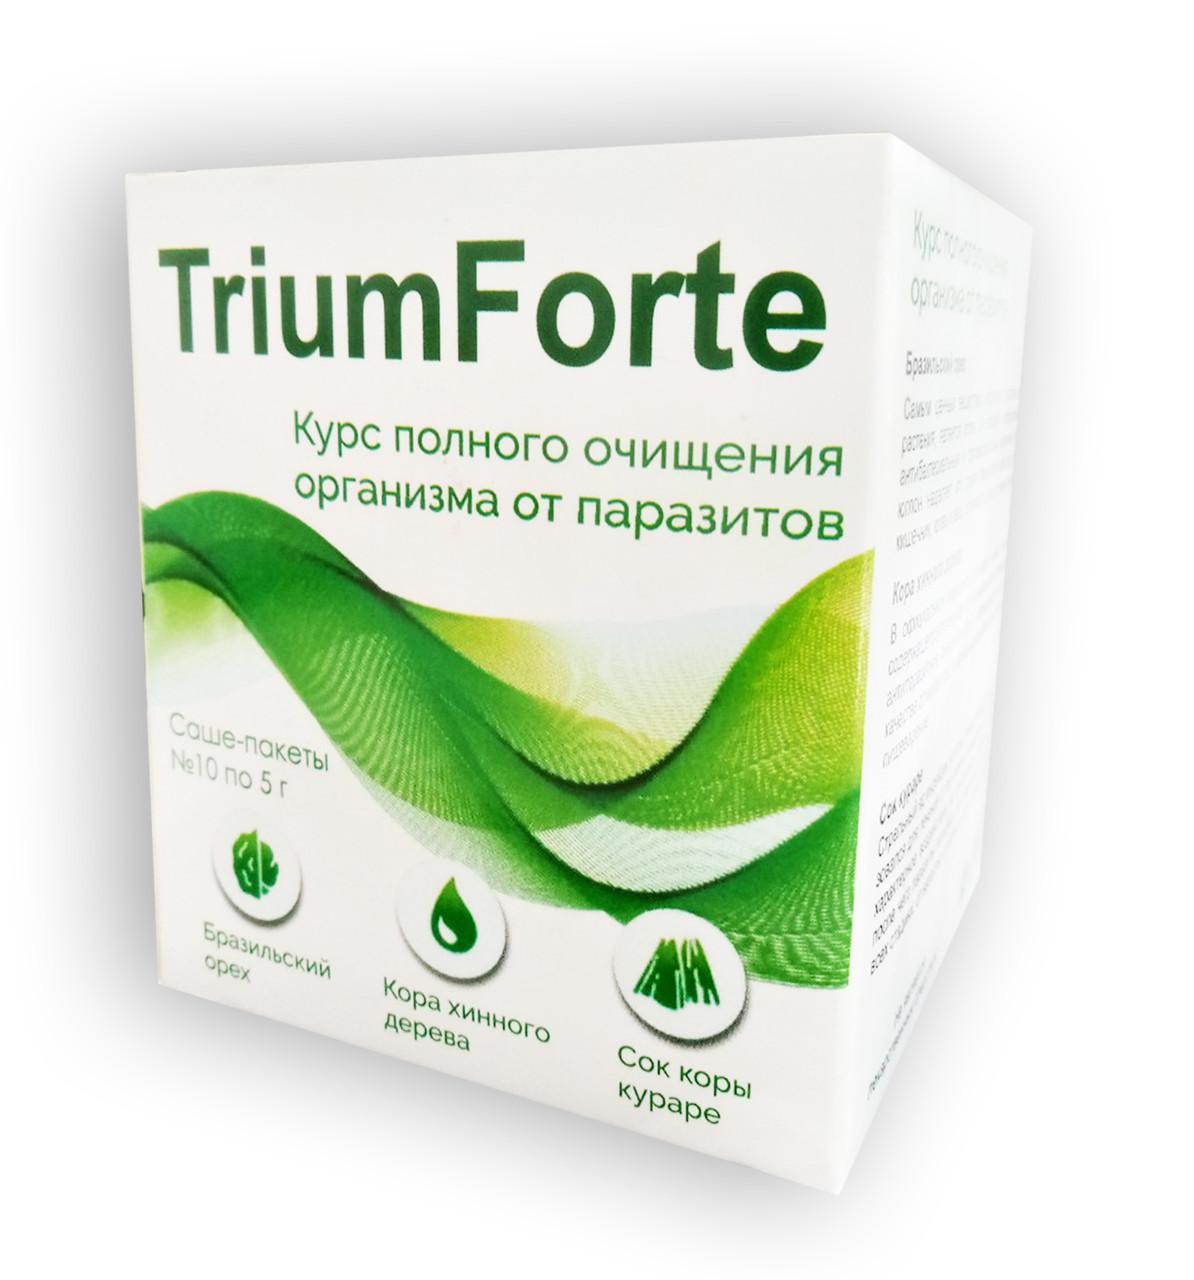 TriumForte - Комплекс от паразитов и глистов (ТриумФорте)